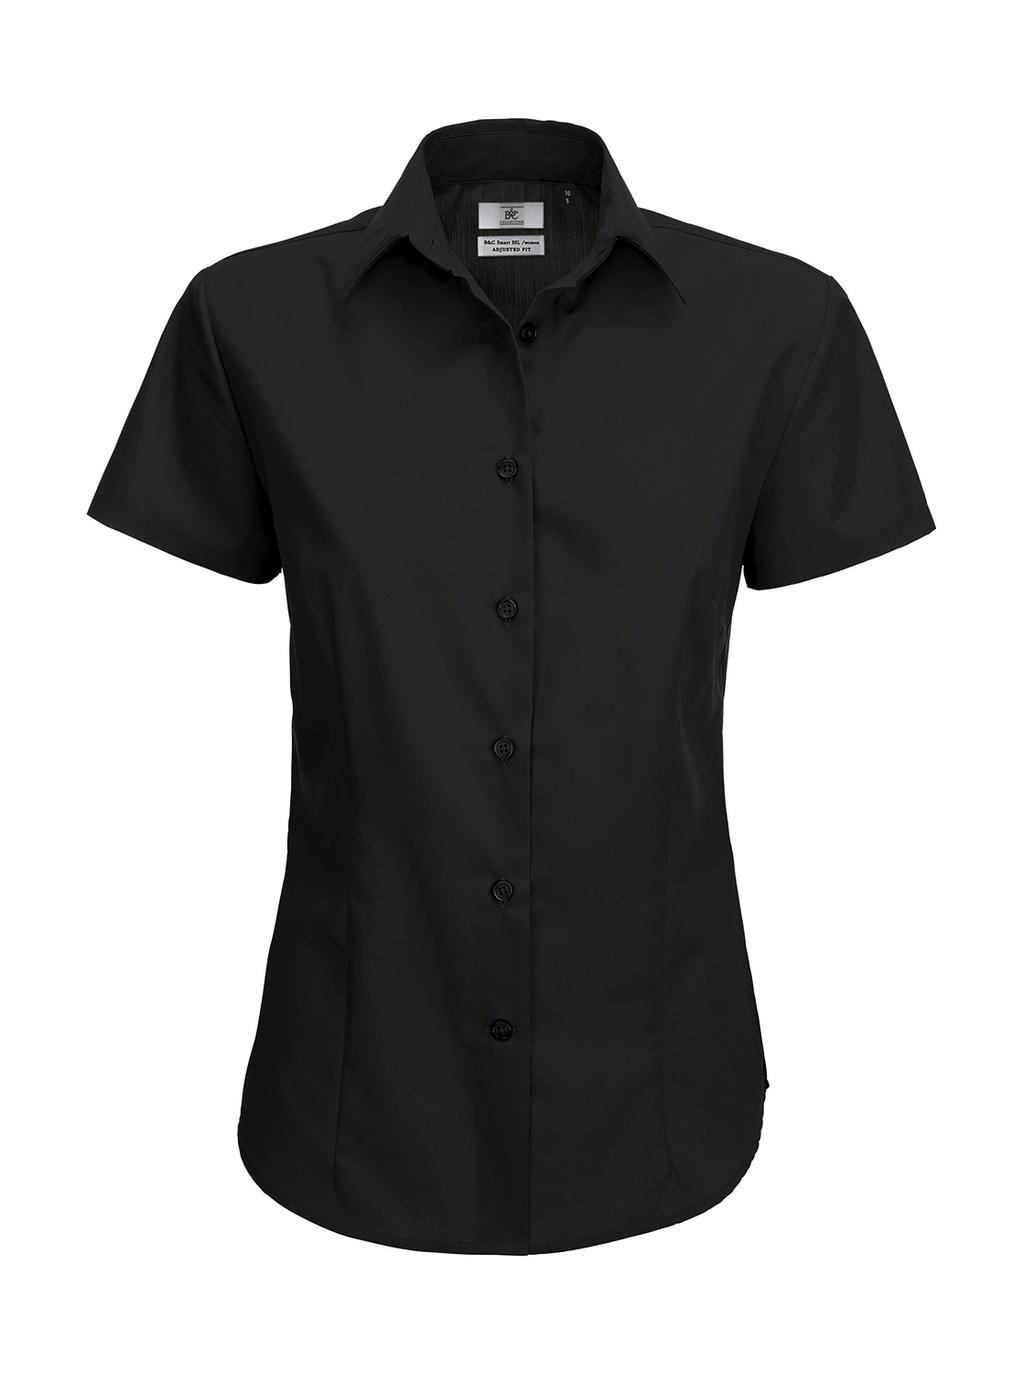 Smart SSL/wo. popelínová košile s krátkým rukávem - zvìtšit obrázek